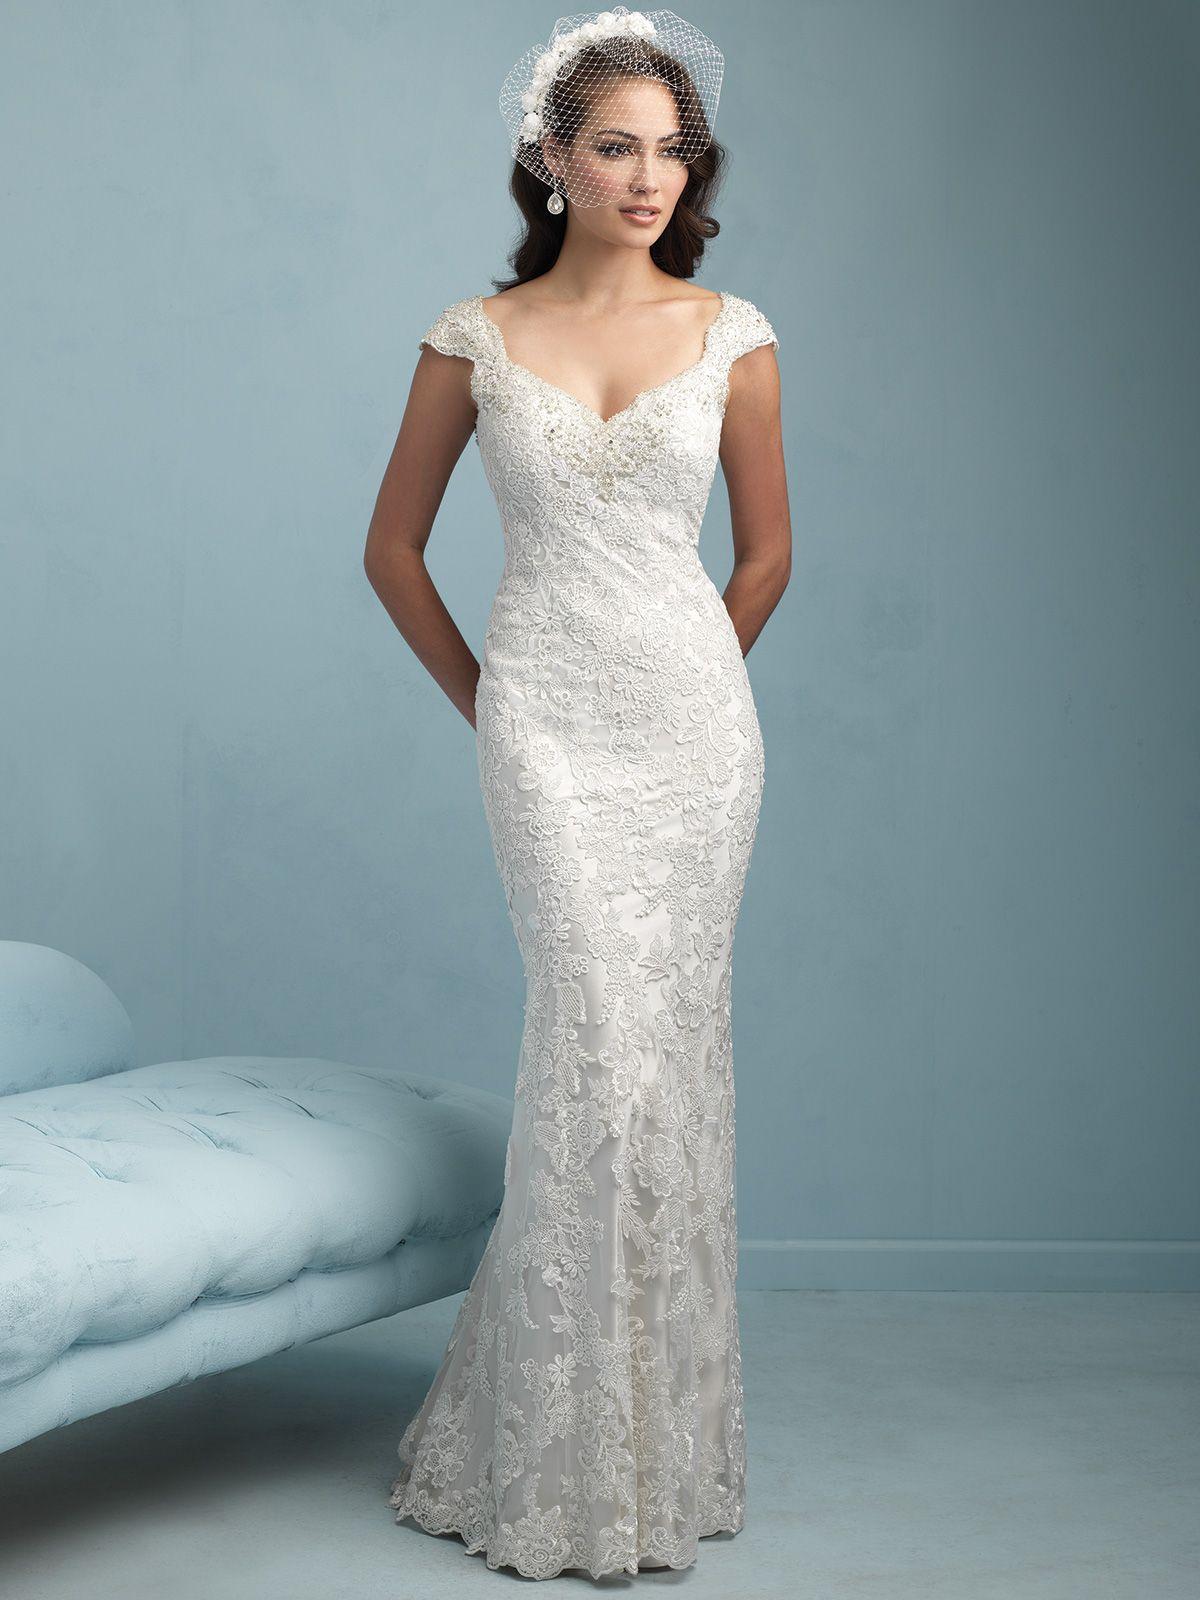 Allure Bridal Dress 9212: DimitraDesigns.com   ❤8.18.18❤ Our ...